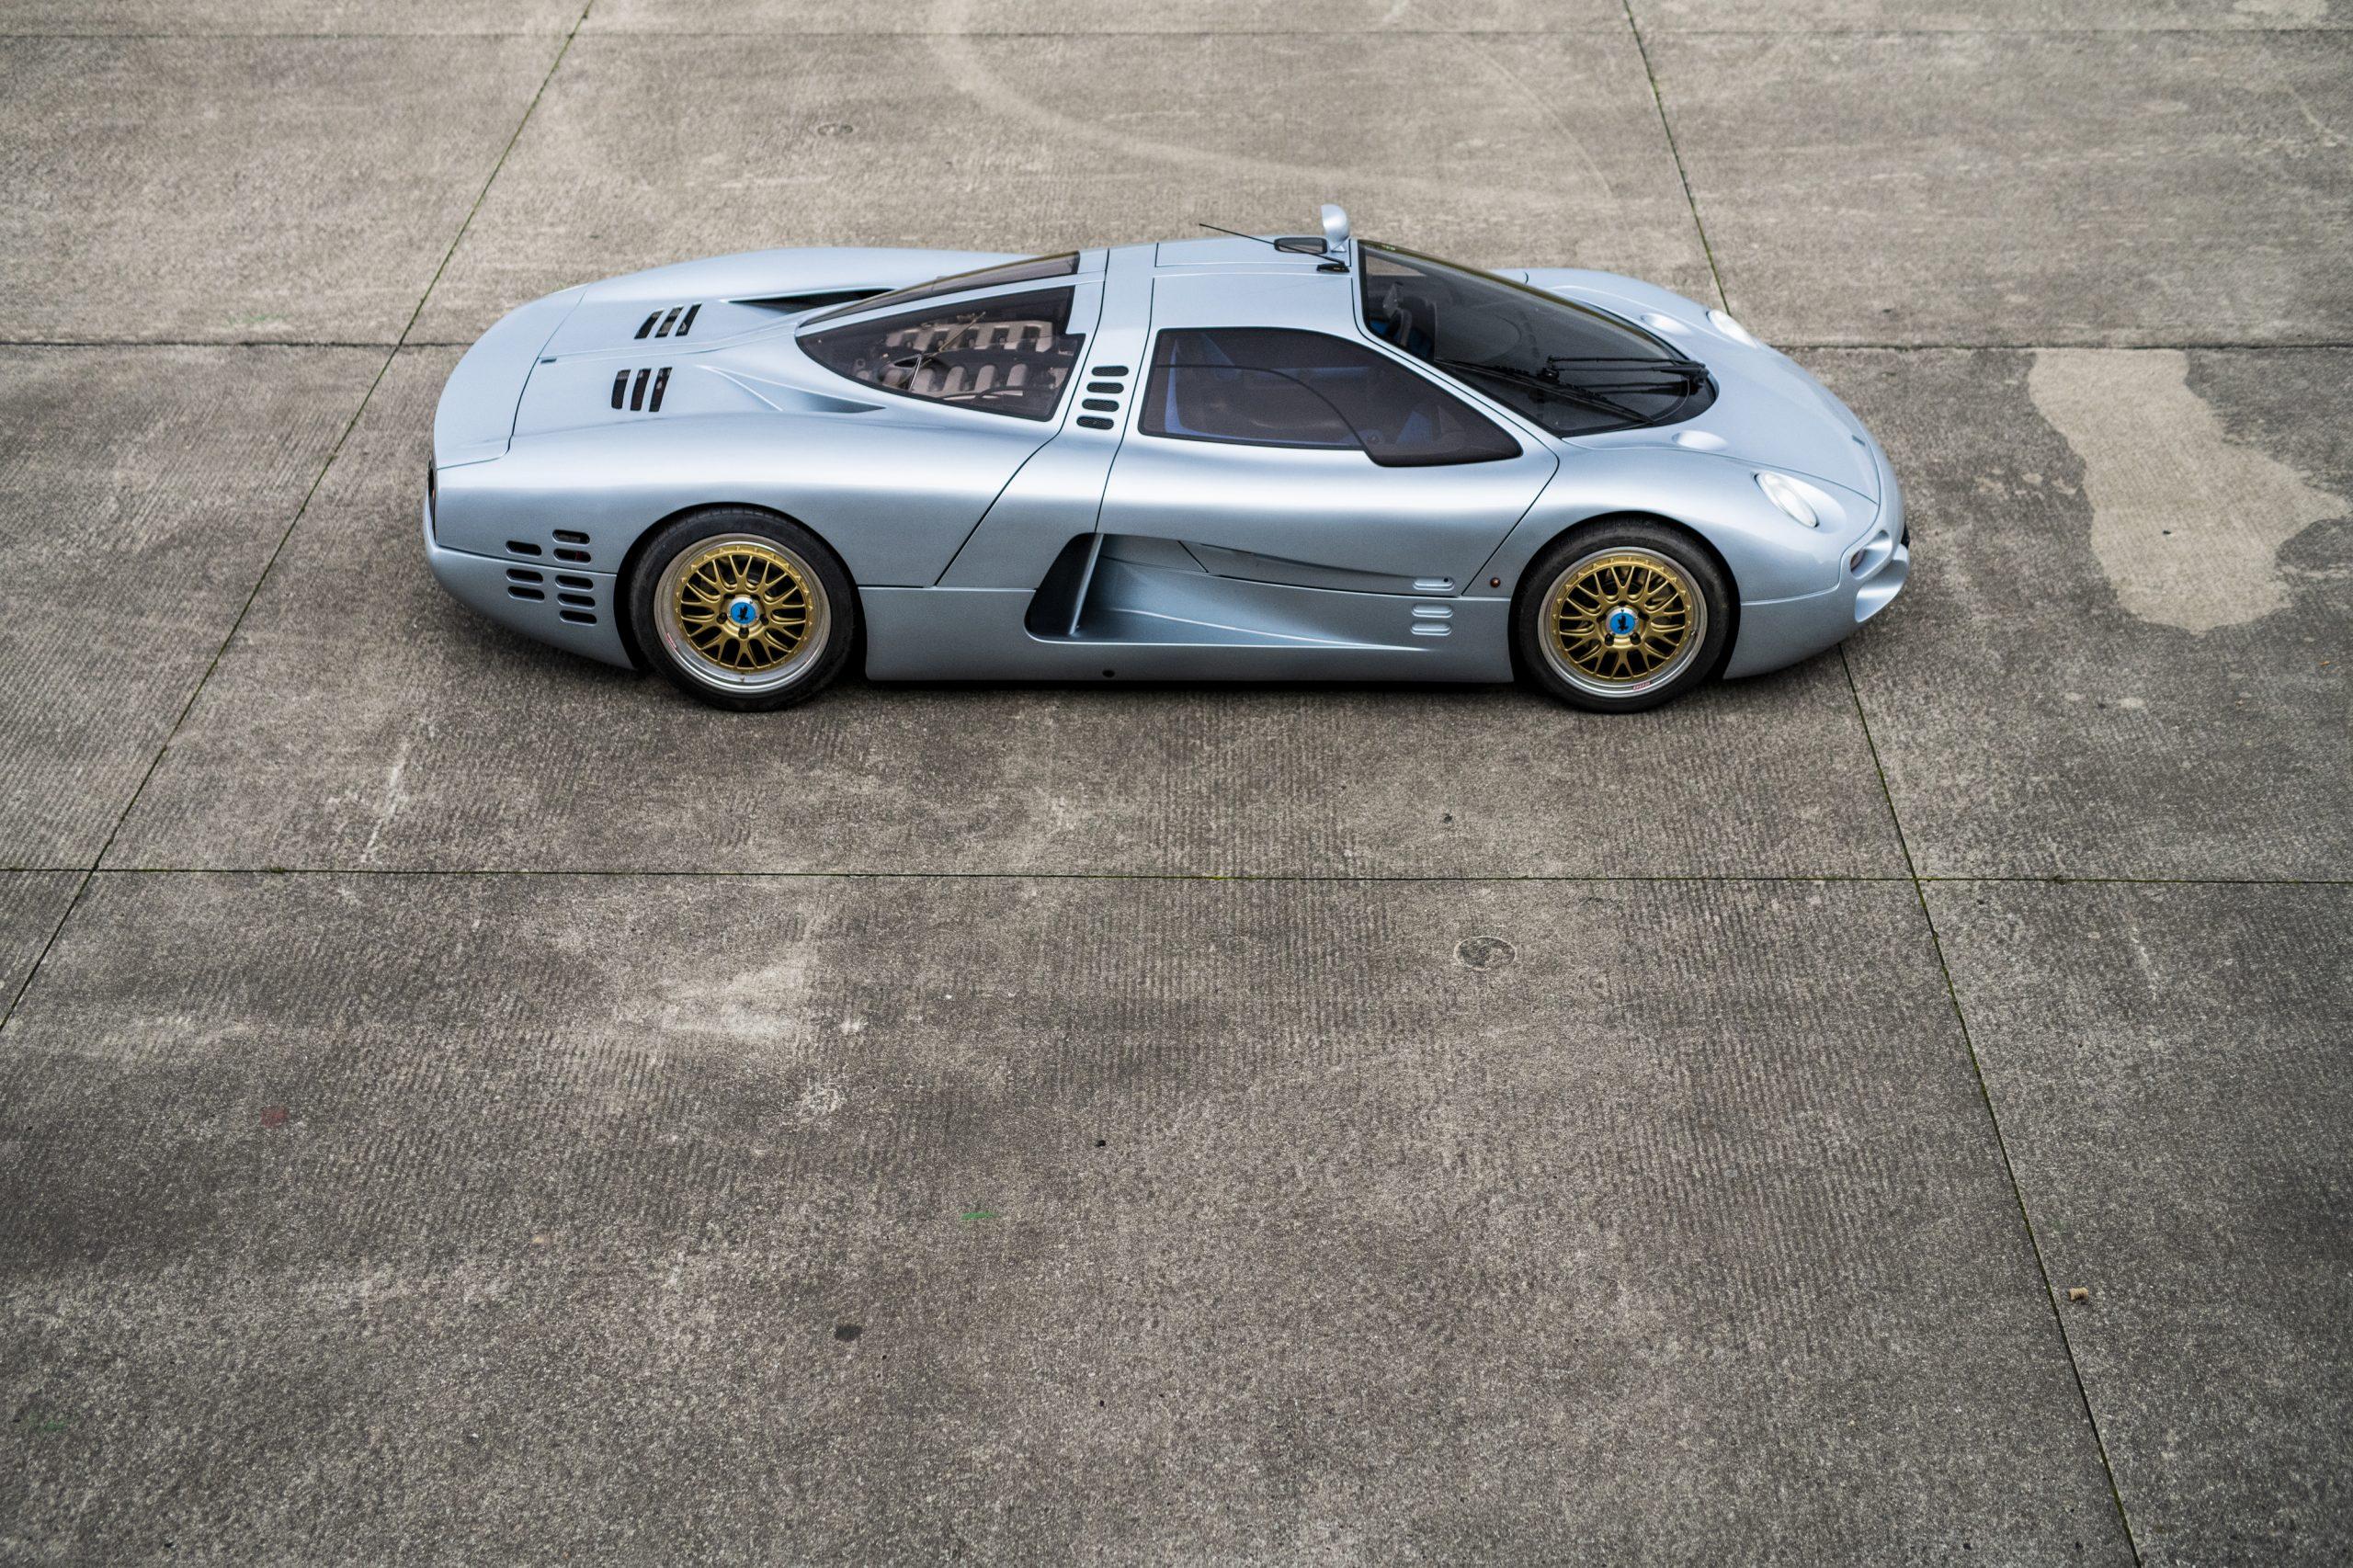 1993 Isdera Commendatore 112i elevated side profile